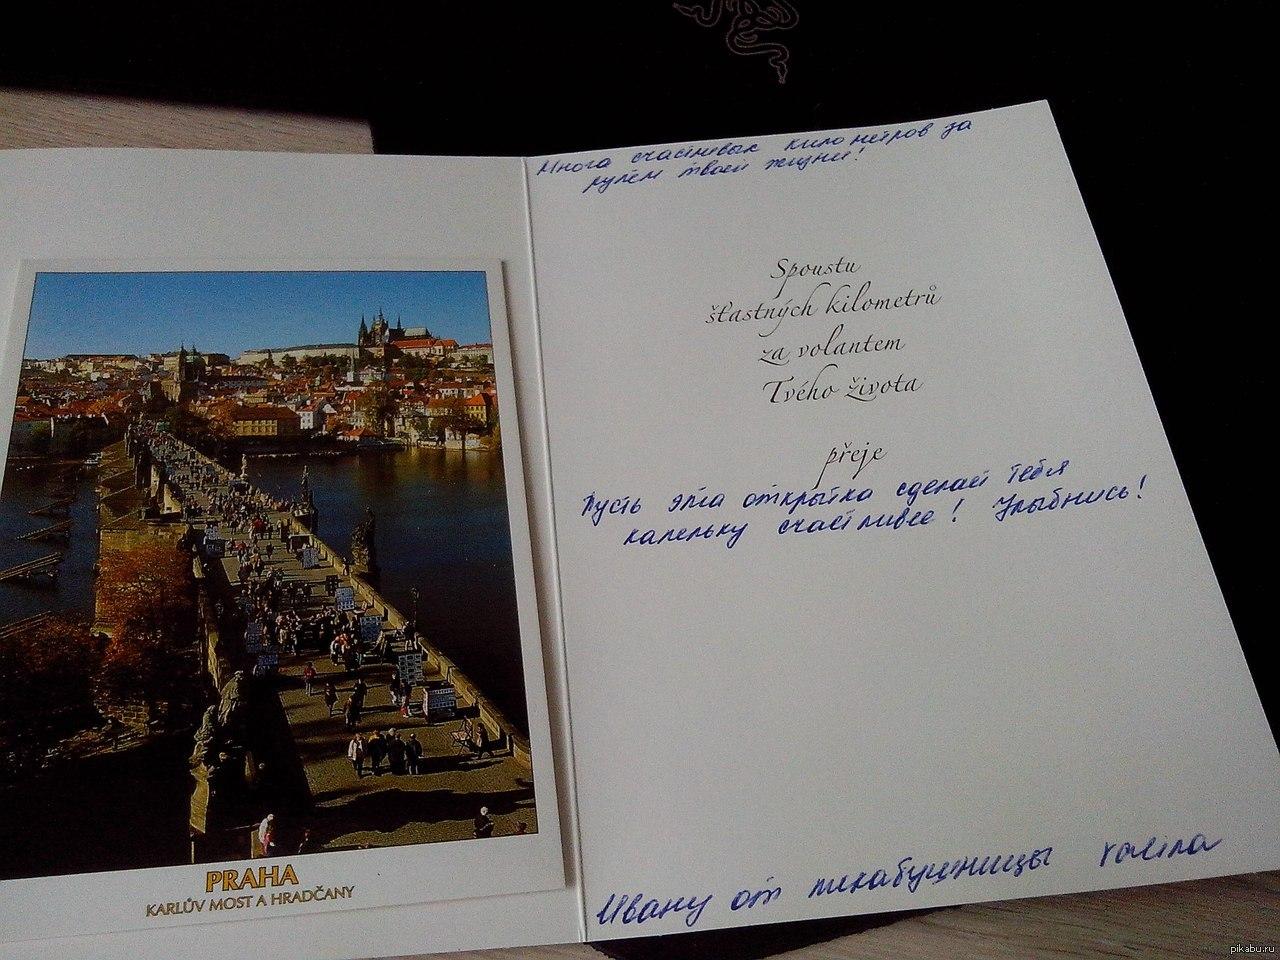 Прага как отправить открытку